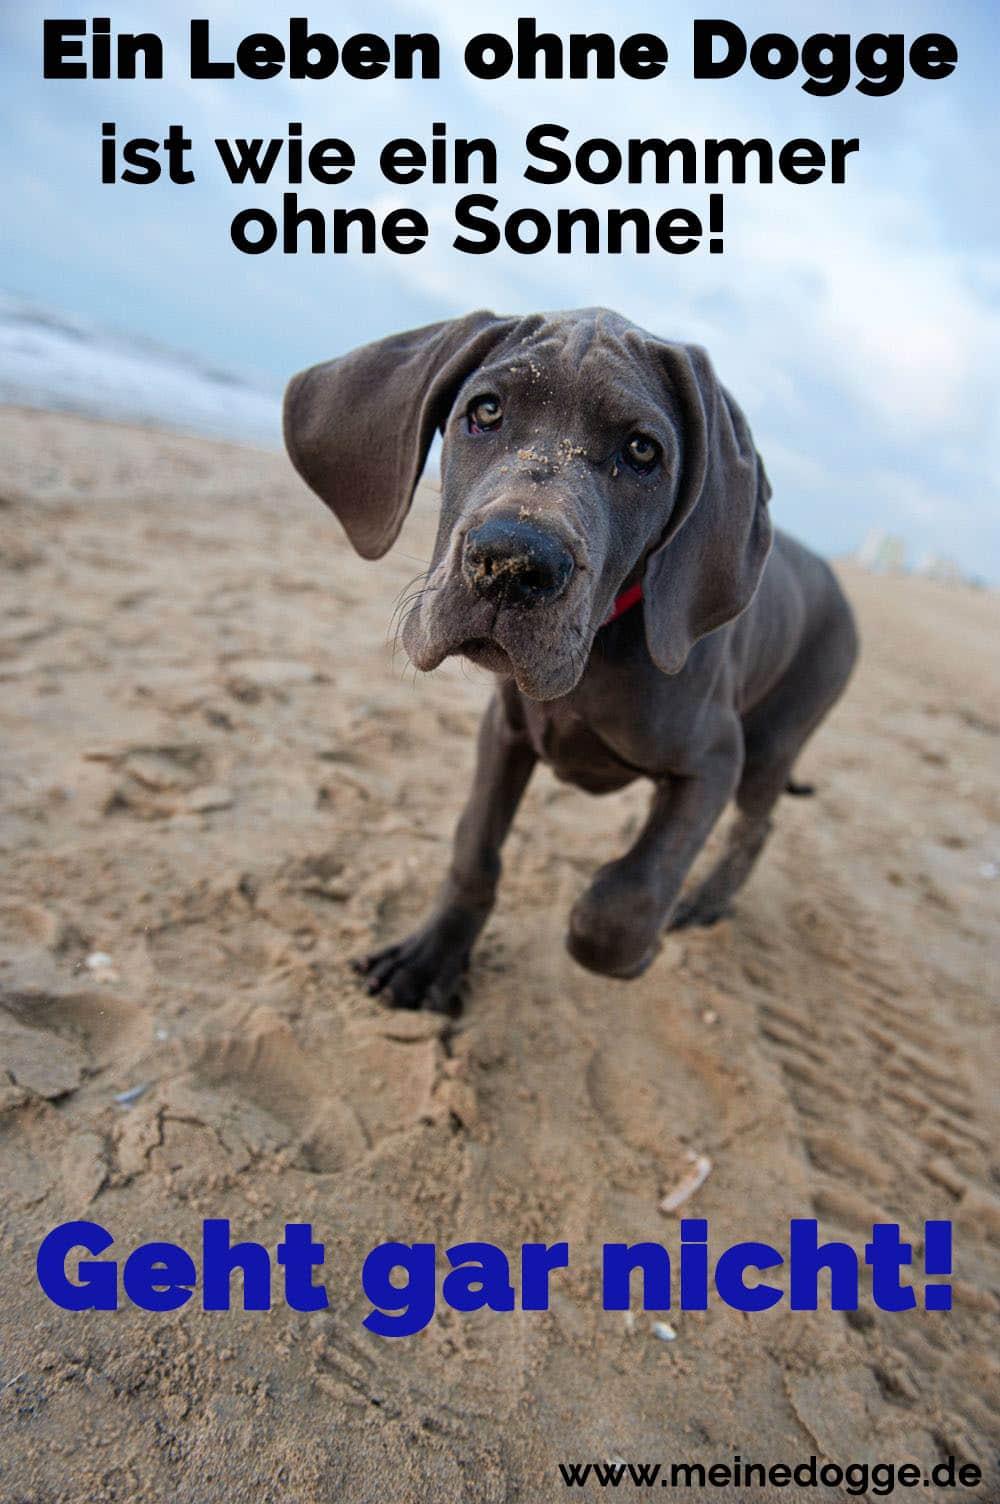 Eine Dogge am Strand